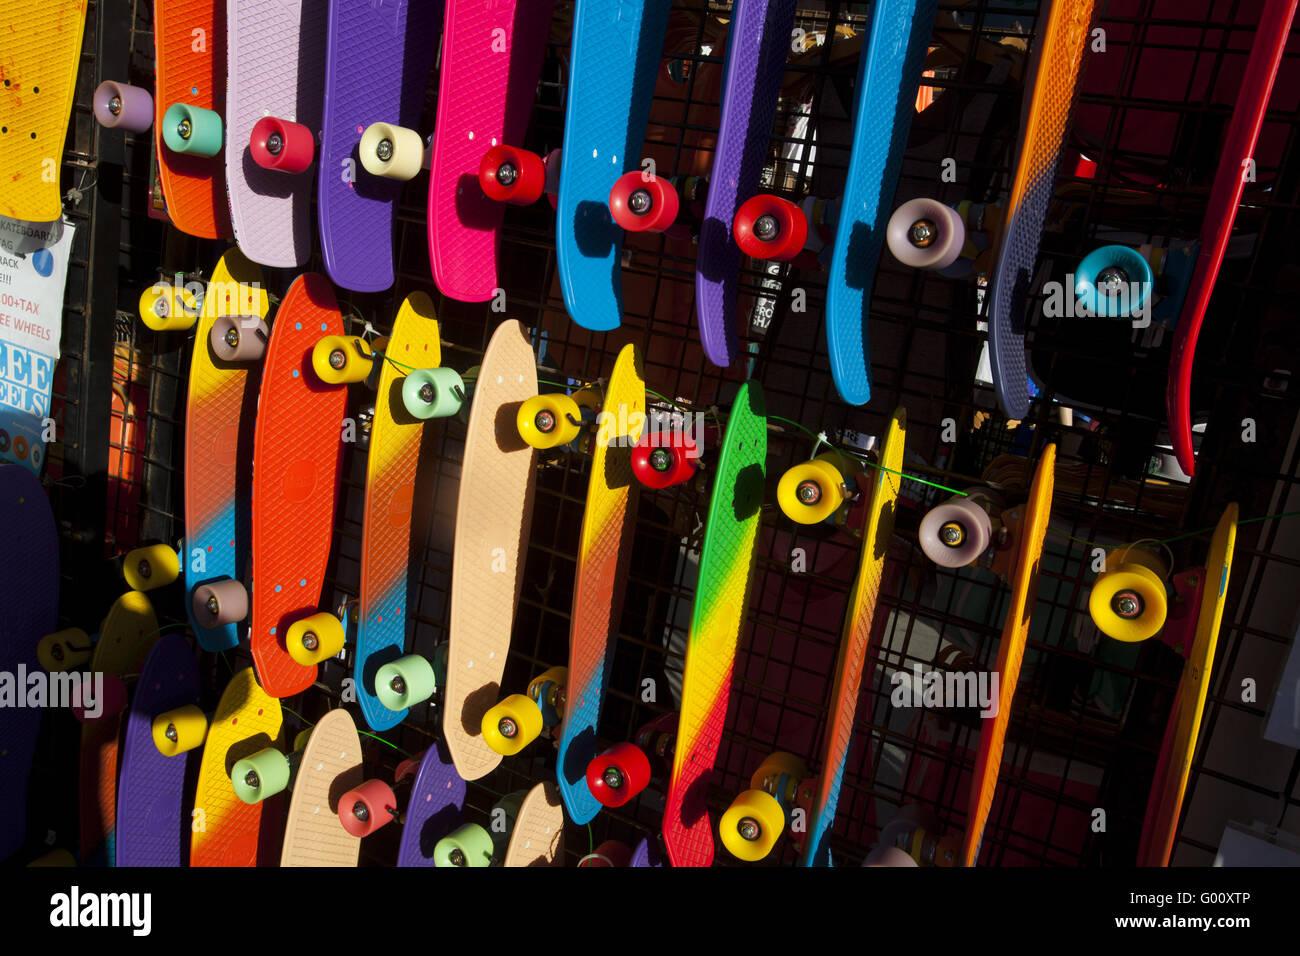 Visualizzazione di skateboard, Venice Beach, Los Angeles, California, Stati Uniti d'America Immagini Stock